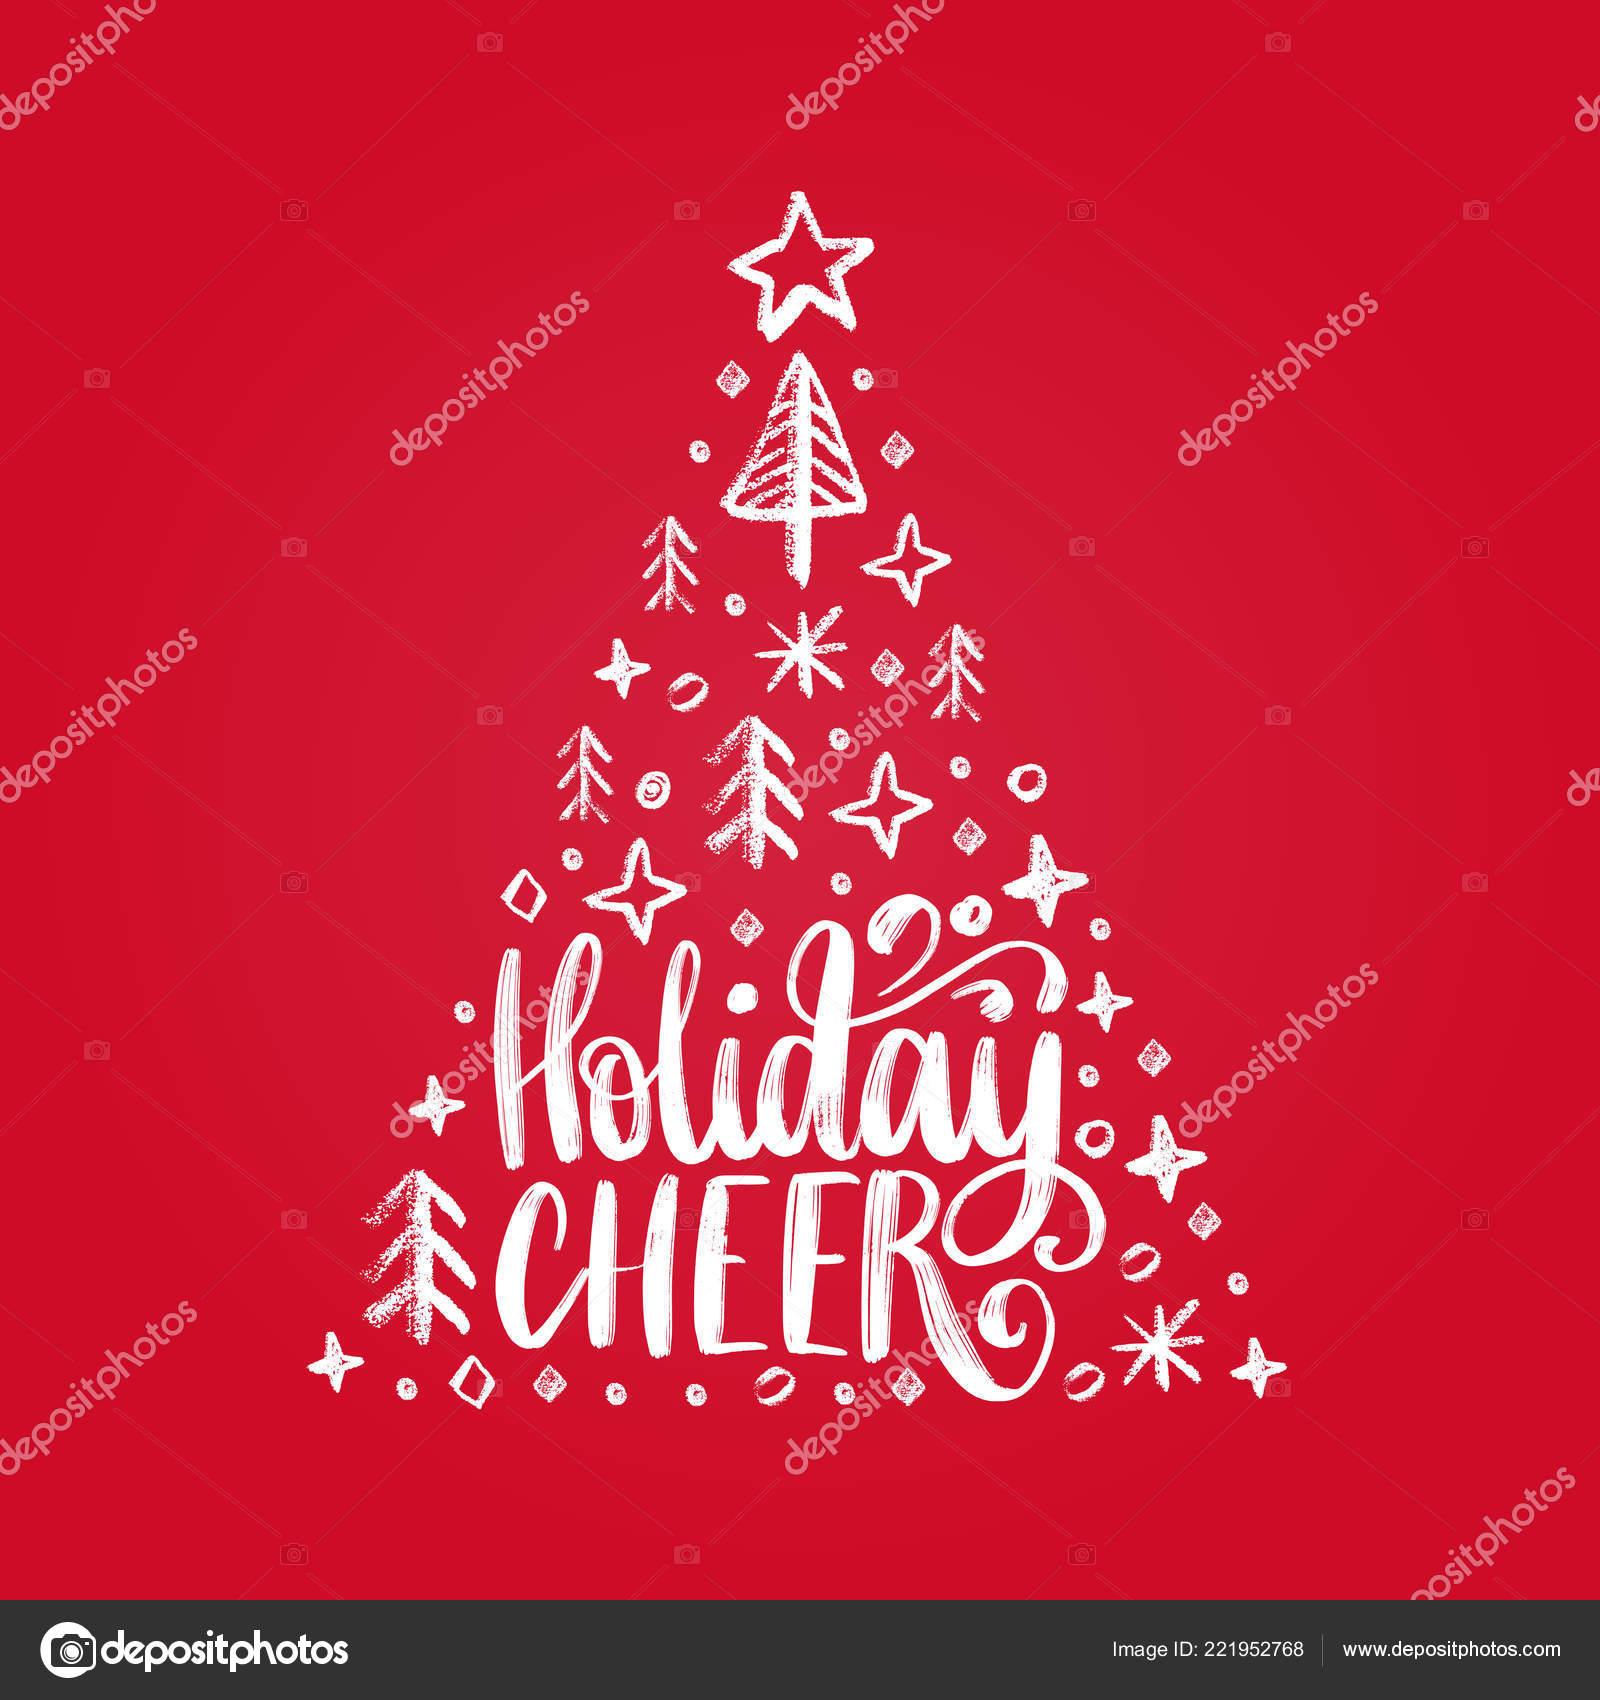 Vacanze Di Natale Frasi.Frase Scritta Vacanze Cheer Illustrazione Natale Abete Rosso